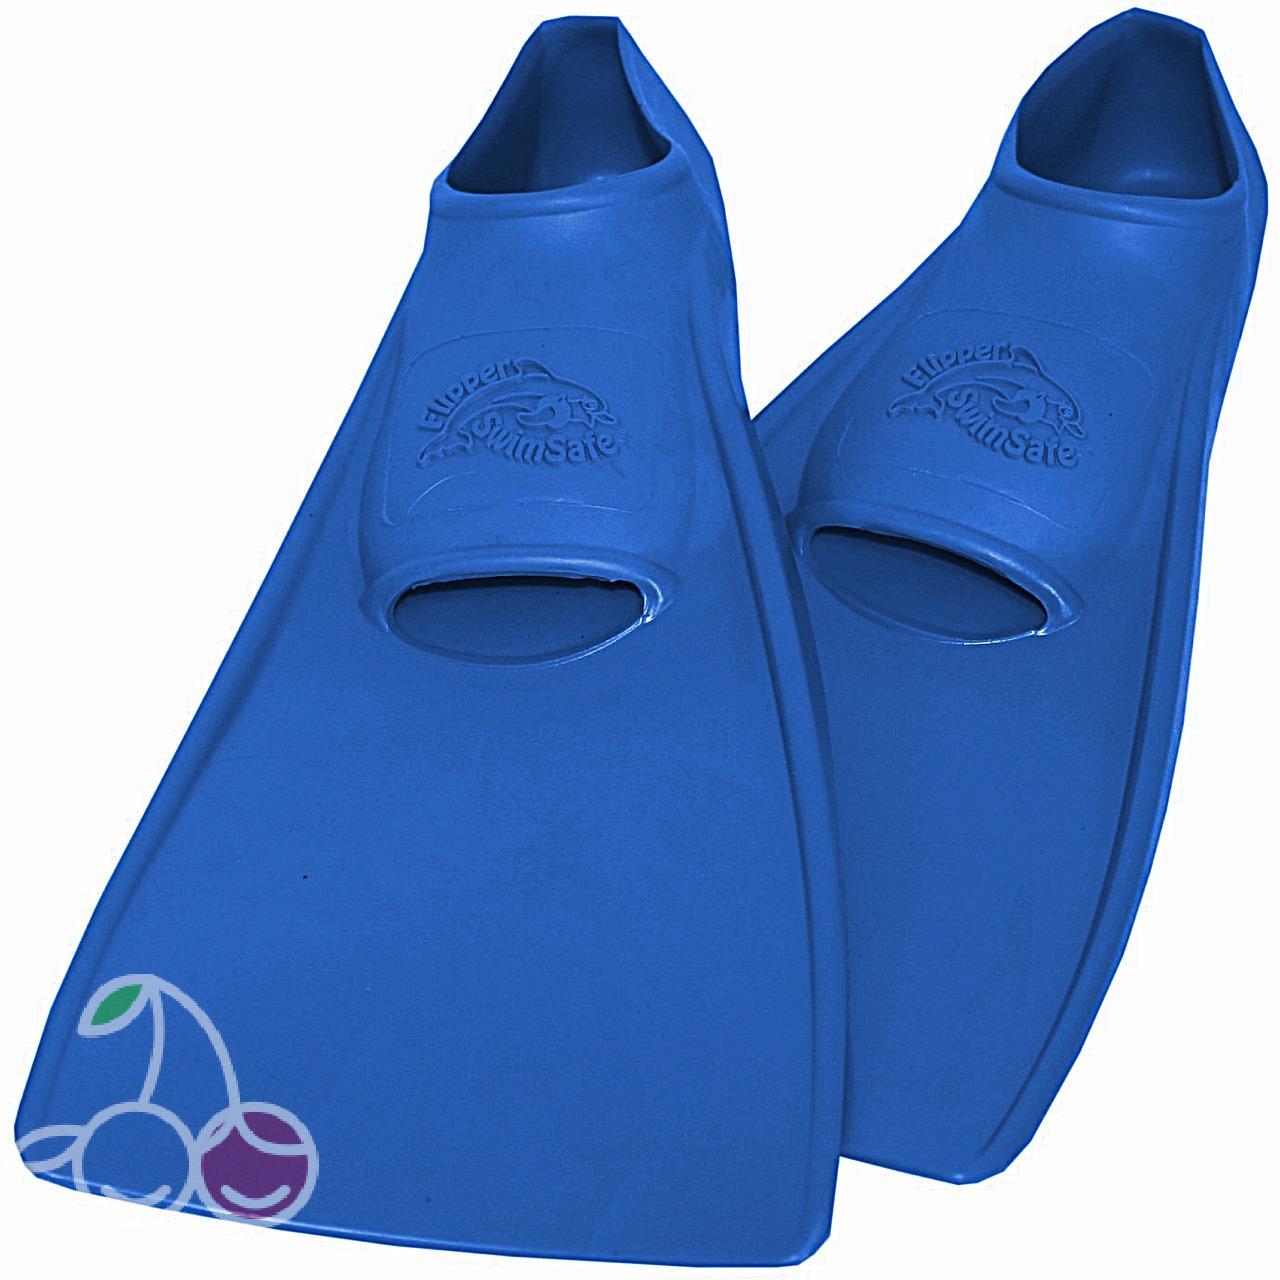 Ласты детские эластичные маленький размер 24 синие закрытая пятка SwimSafe (Свимсейф) Германия, - фото 1